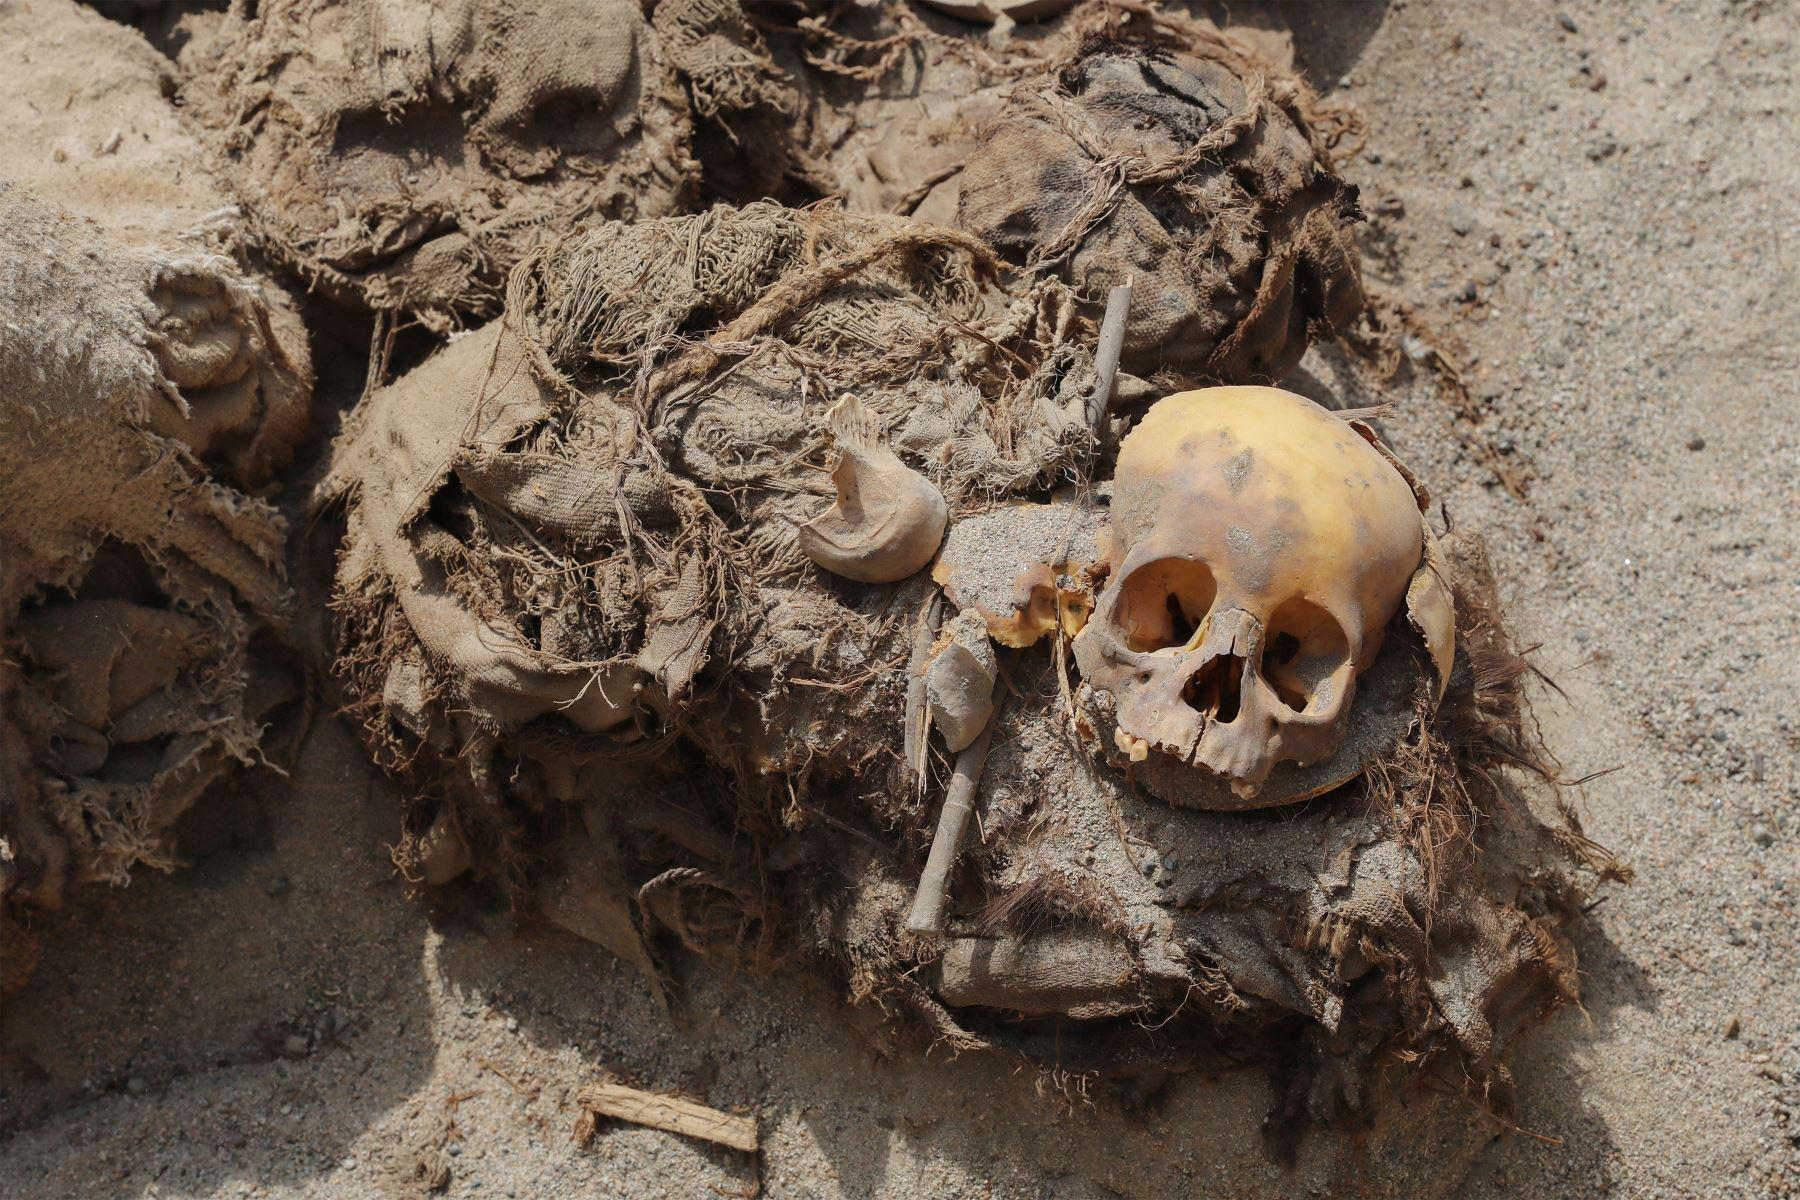 Aun poco más de media hora de Lima se encuentra el balneario  de Chilca. En una de sus polvorientas calles se encontró, durante el tendido de la red de gas, restos arqueológicos. Foto: ANDINA/ Andrés Valle